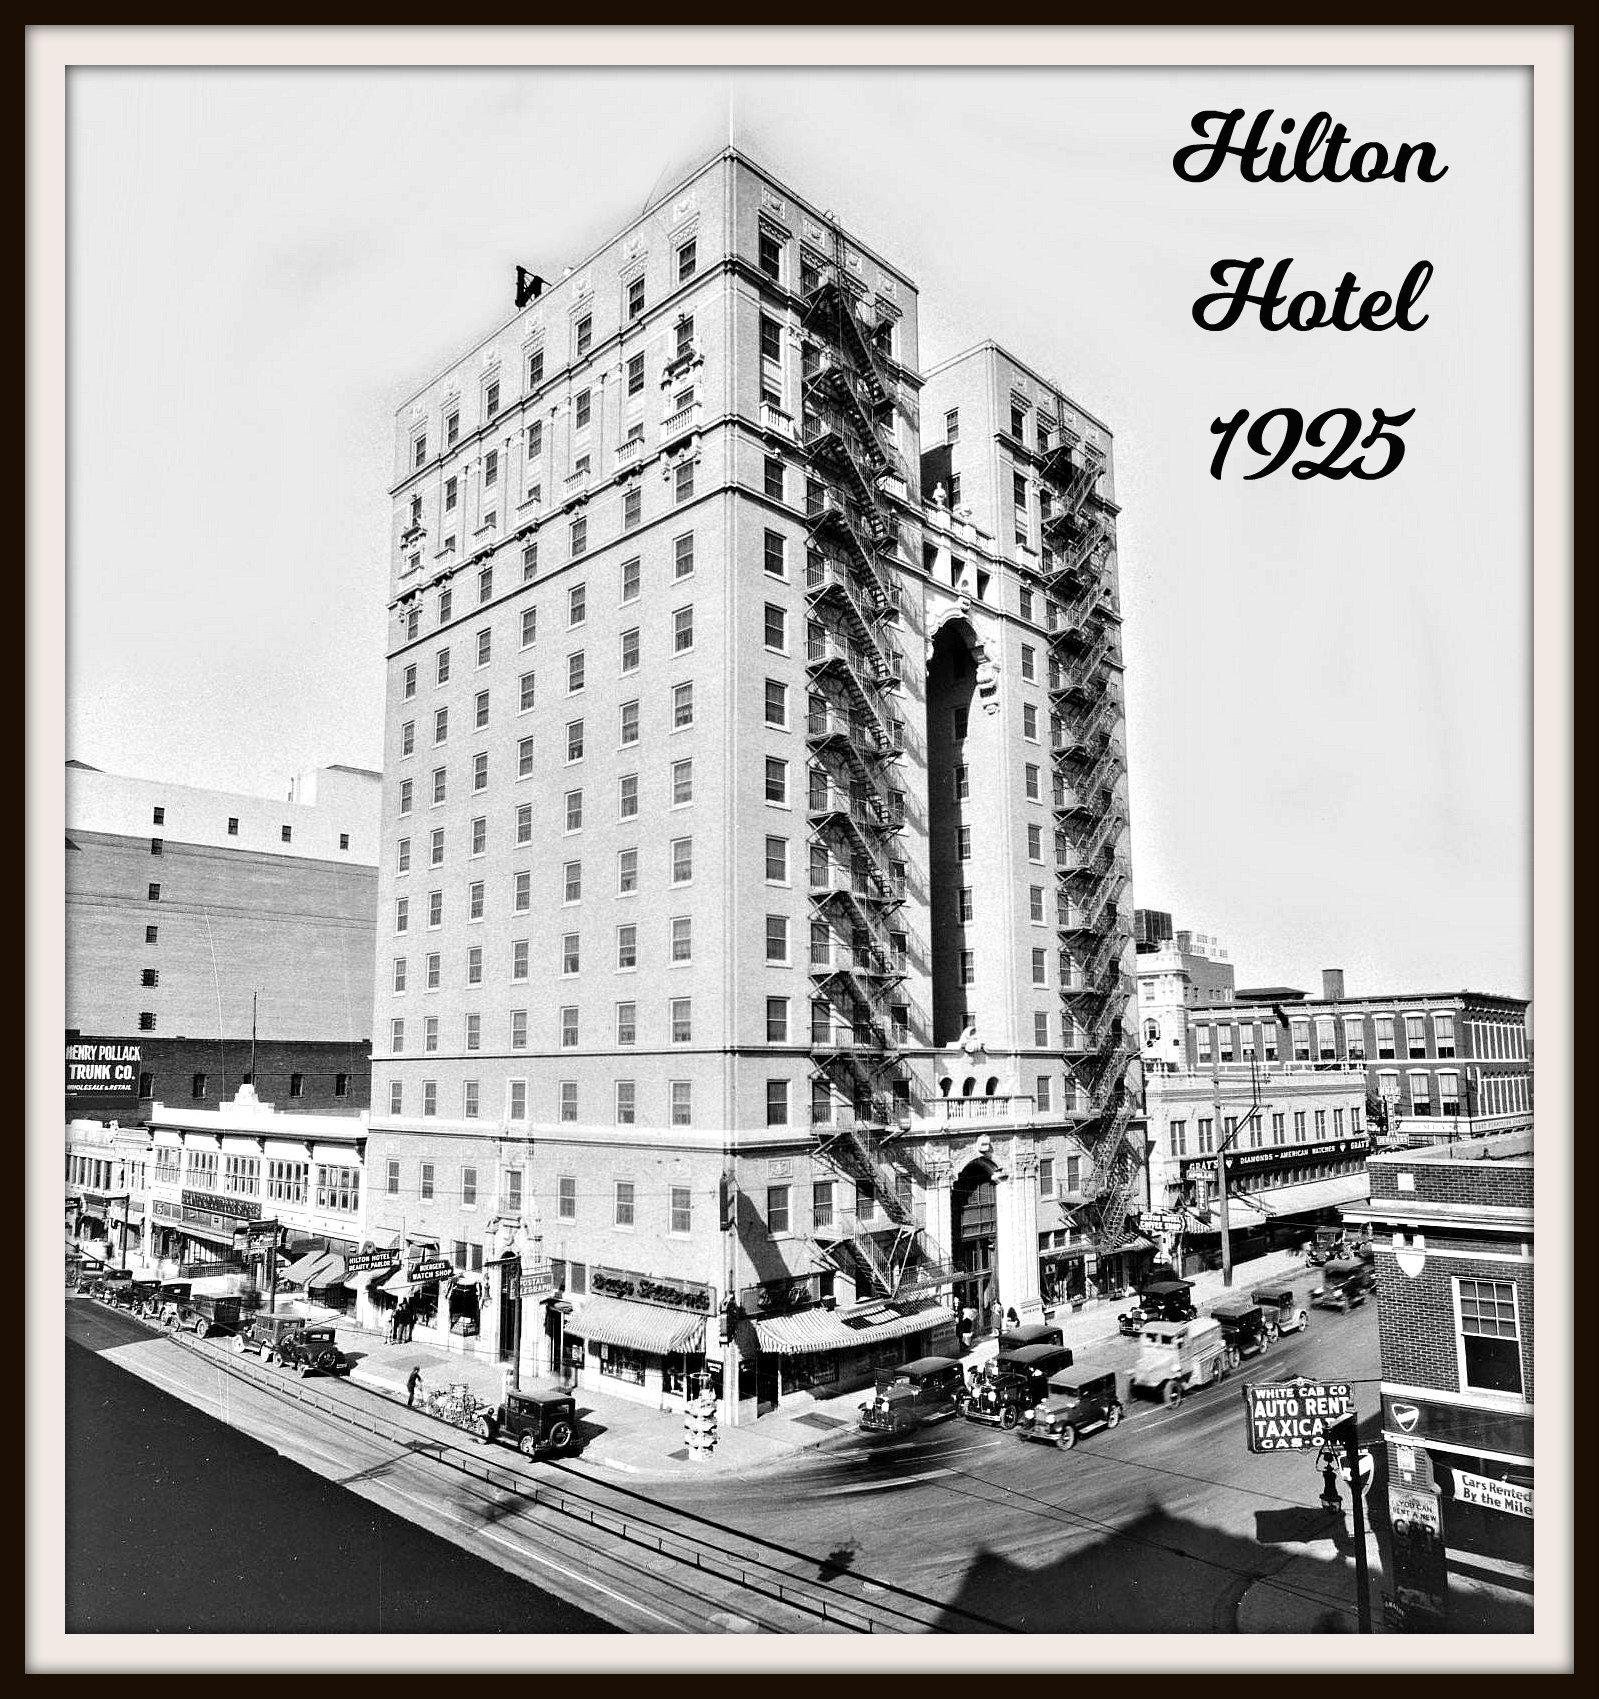 Plaza Hotel, Hotel Motel, Hotel